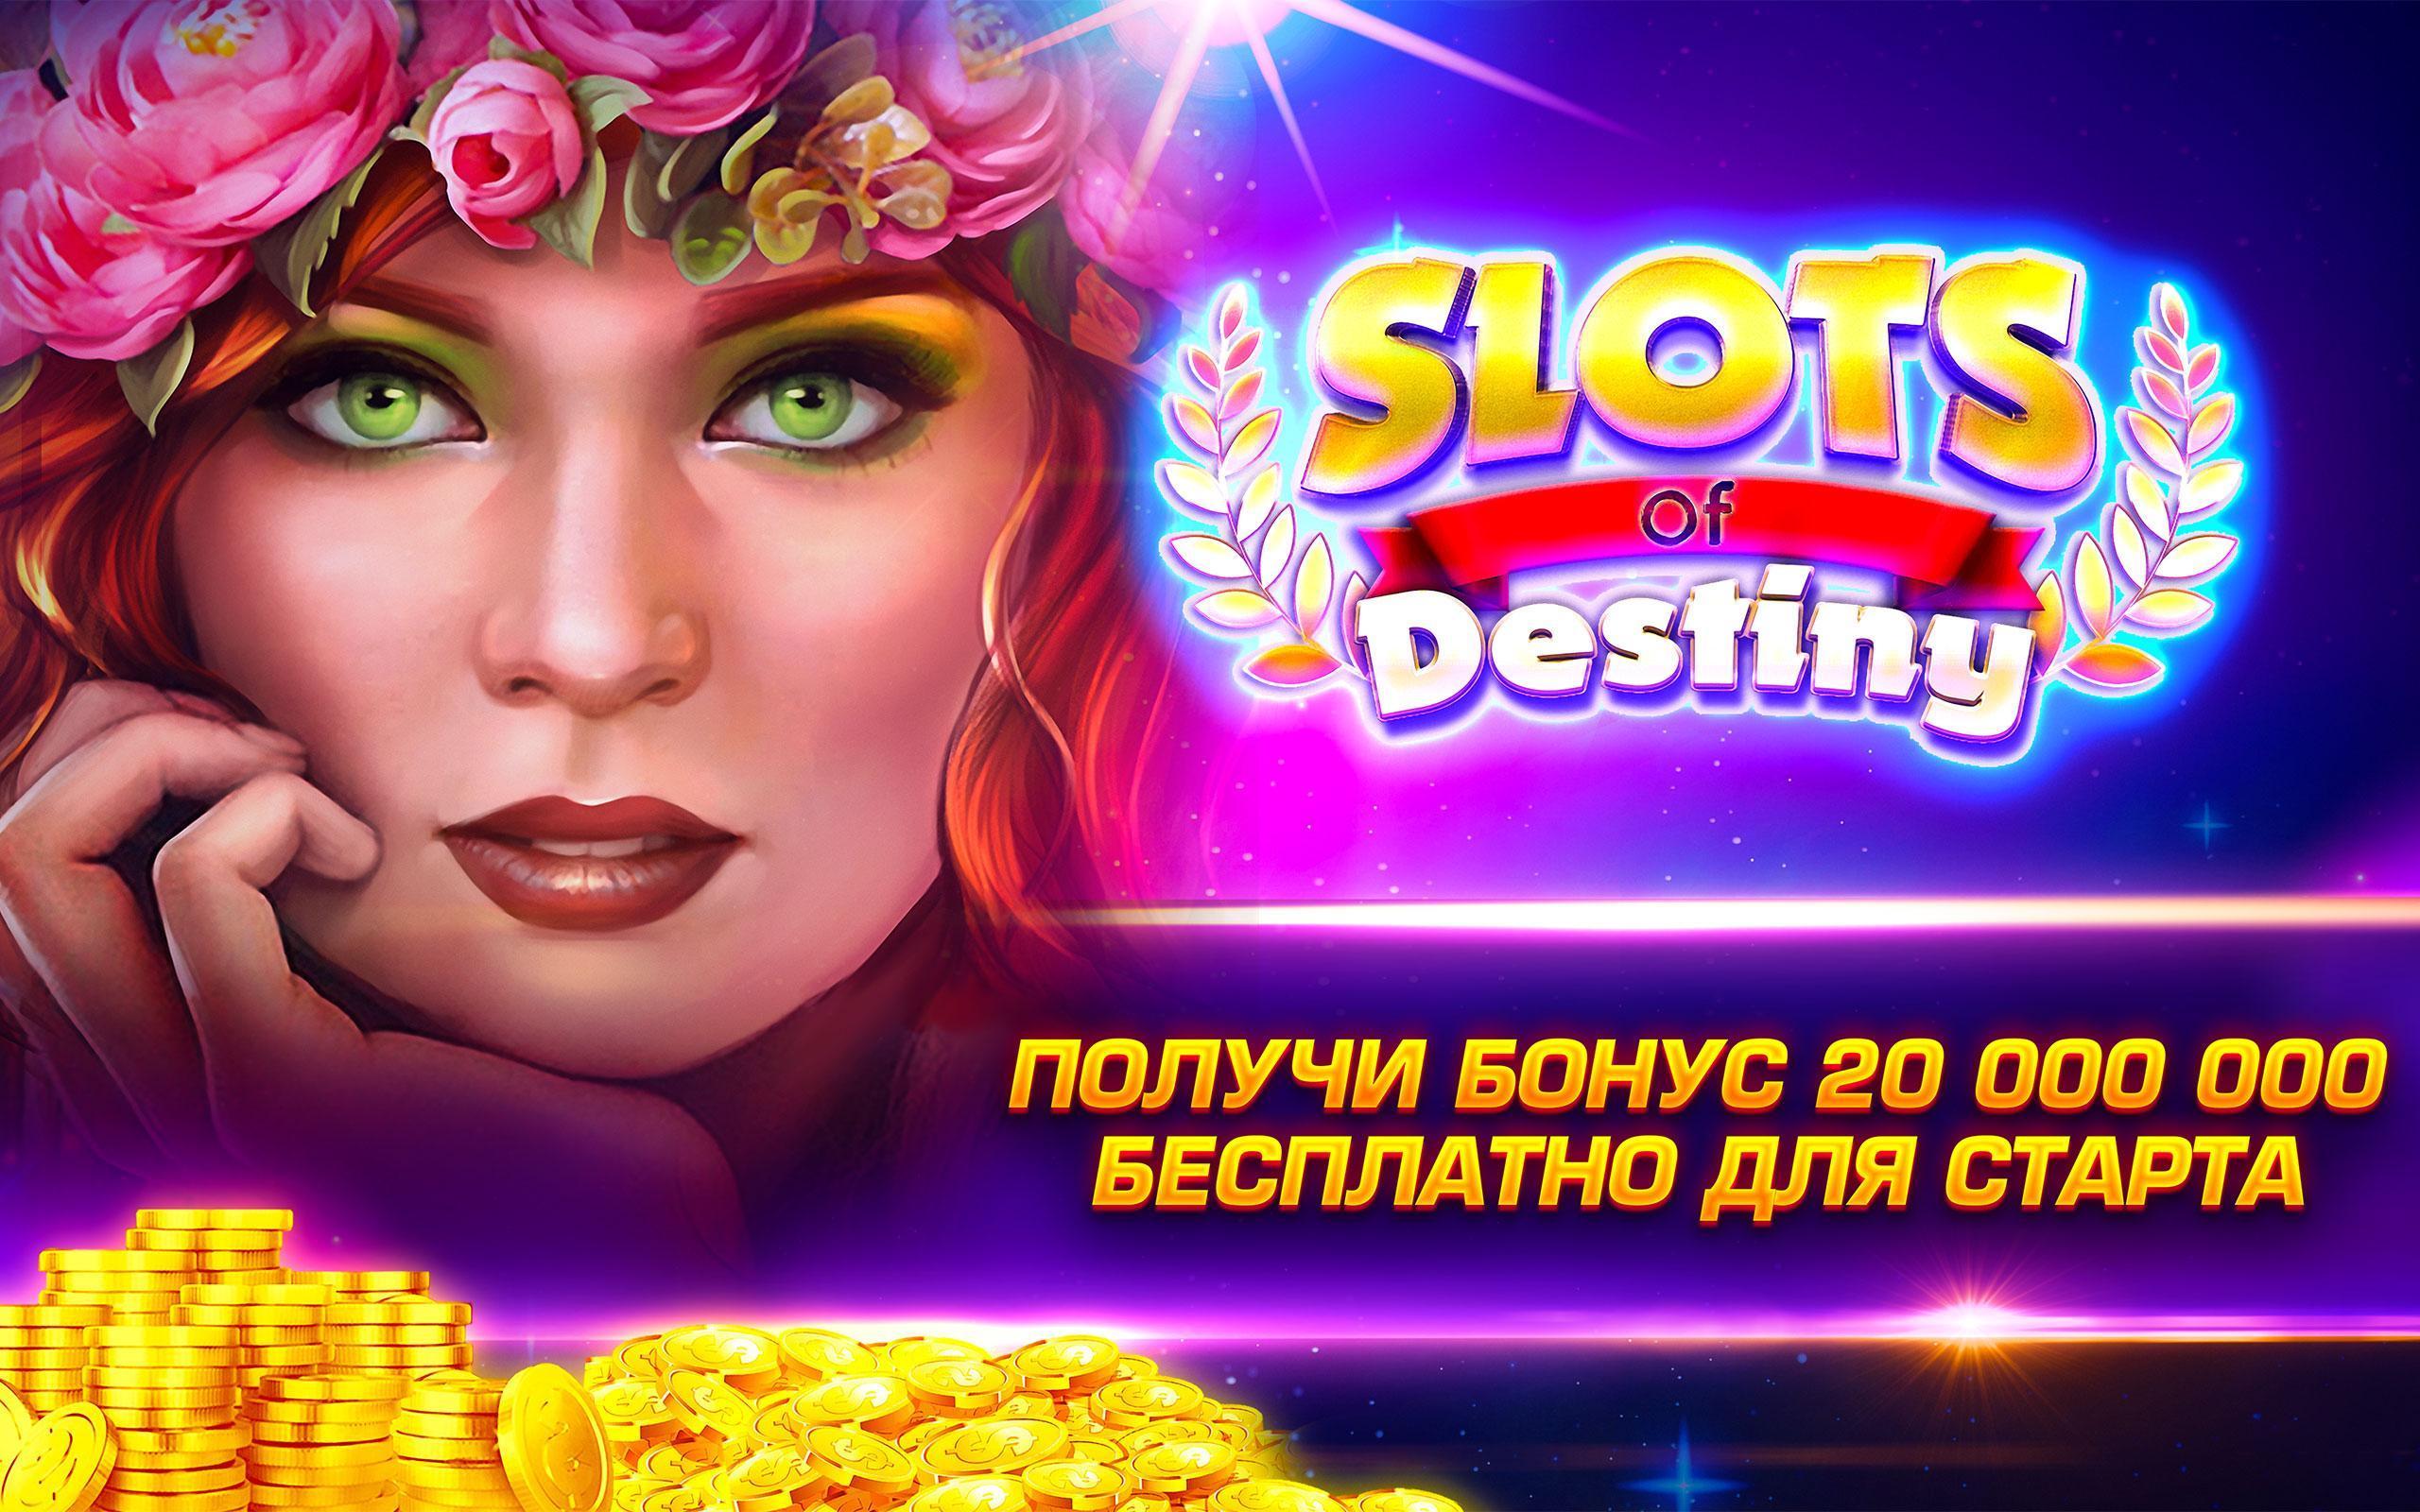 Слоты бесплатные игровые автоматы с бонусами велком казино игрософт вулкан